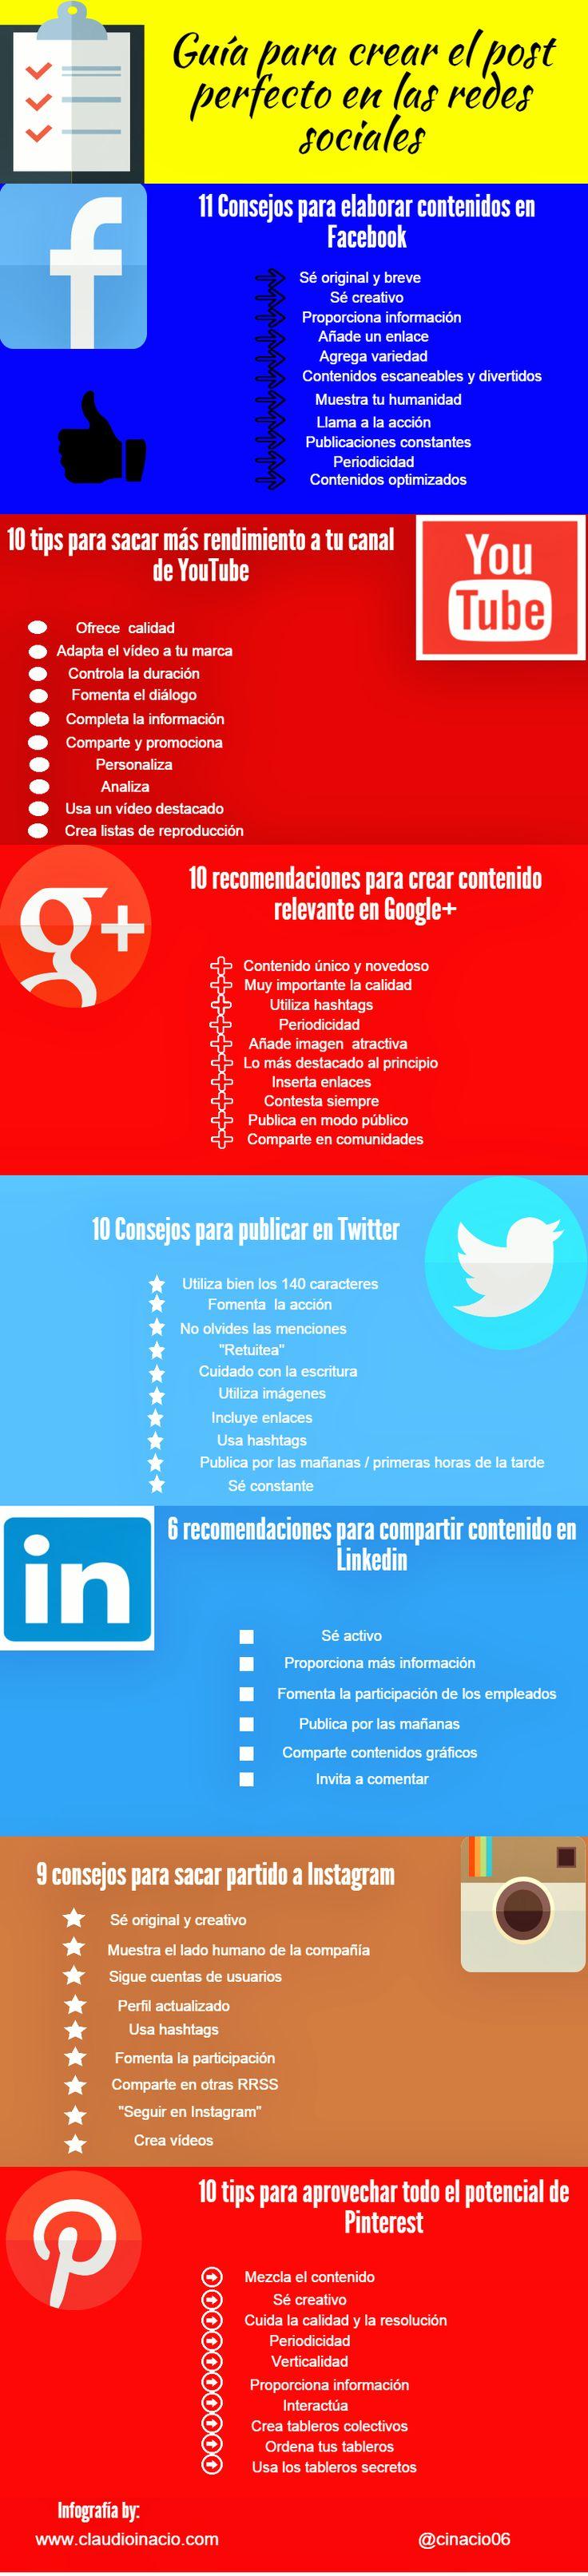 Guía para crear el post perfecto en redes sociales. Infografía en español. #CommunityManager